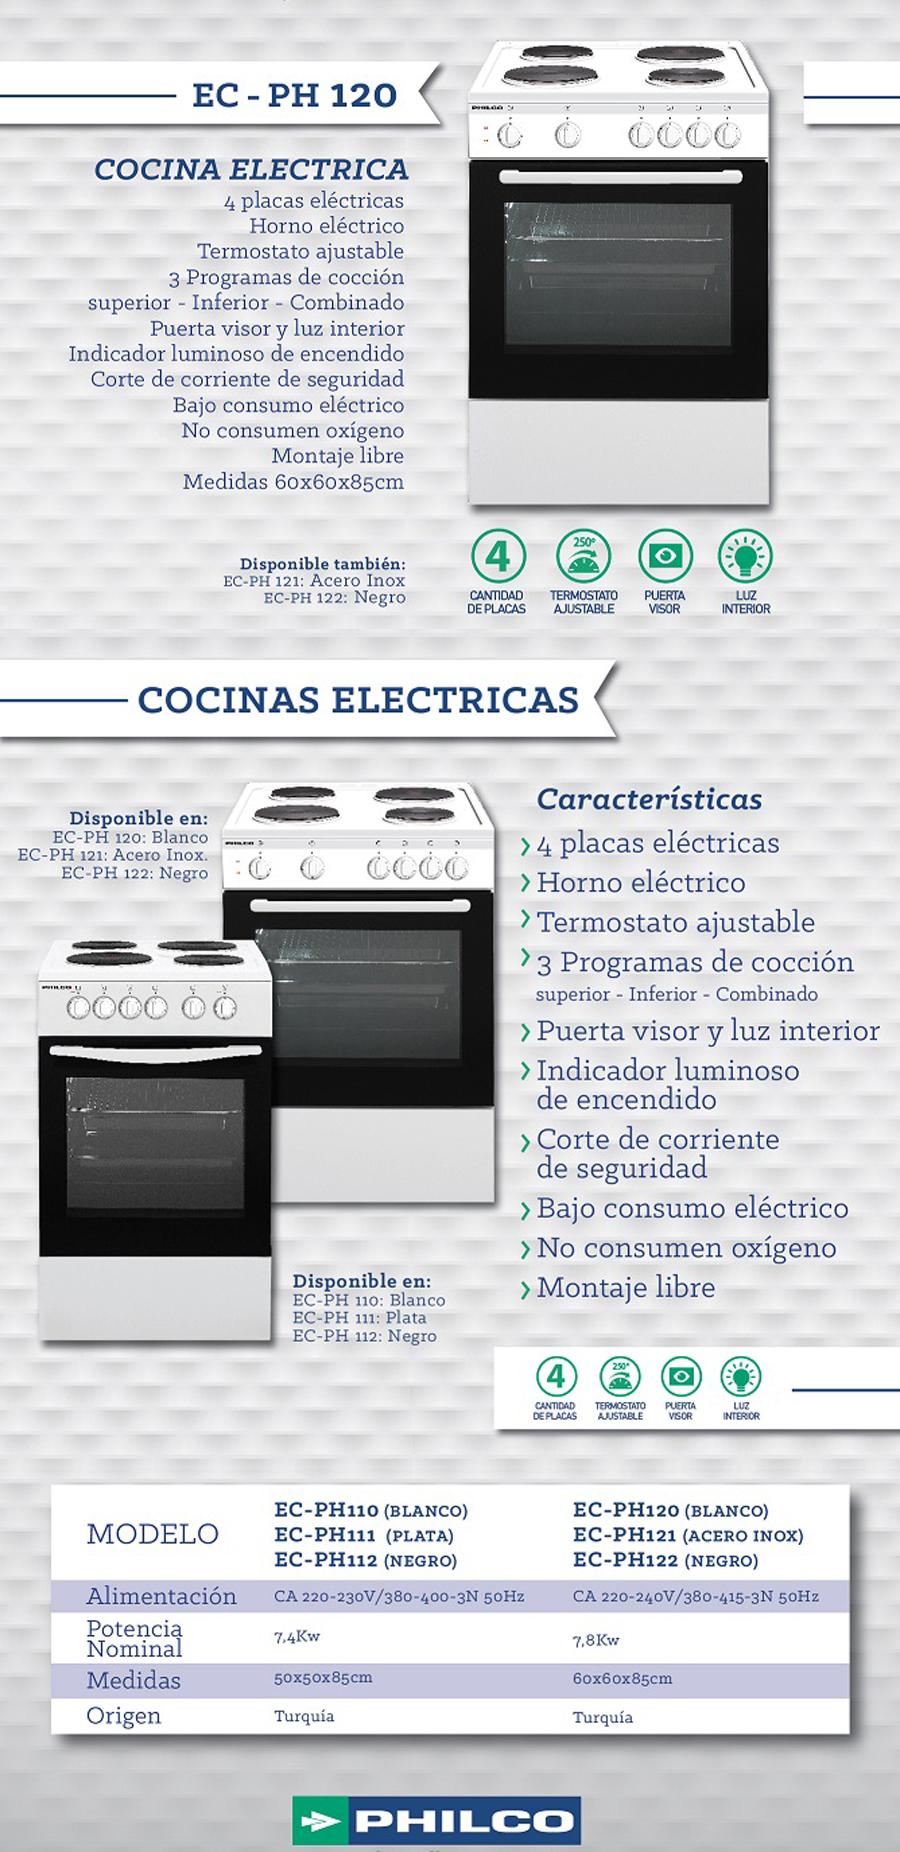 Cocina philco electrica 60cm ec ph120 blancas horno unica for Cocina electrica consumo